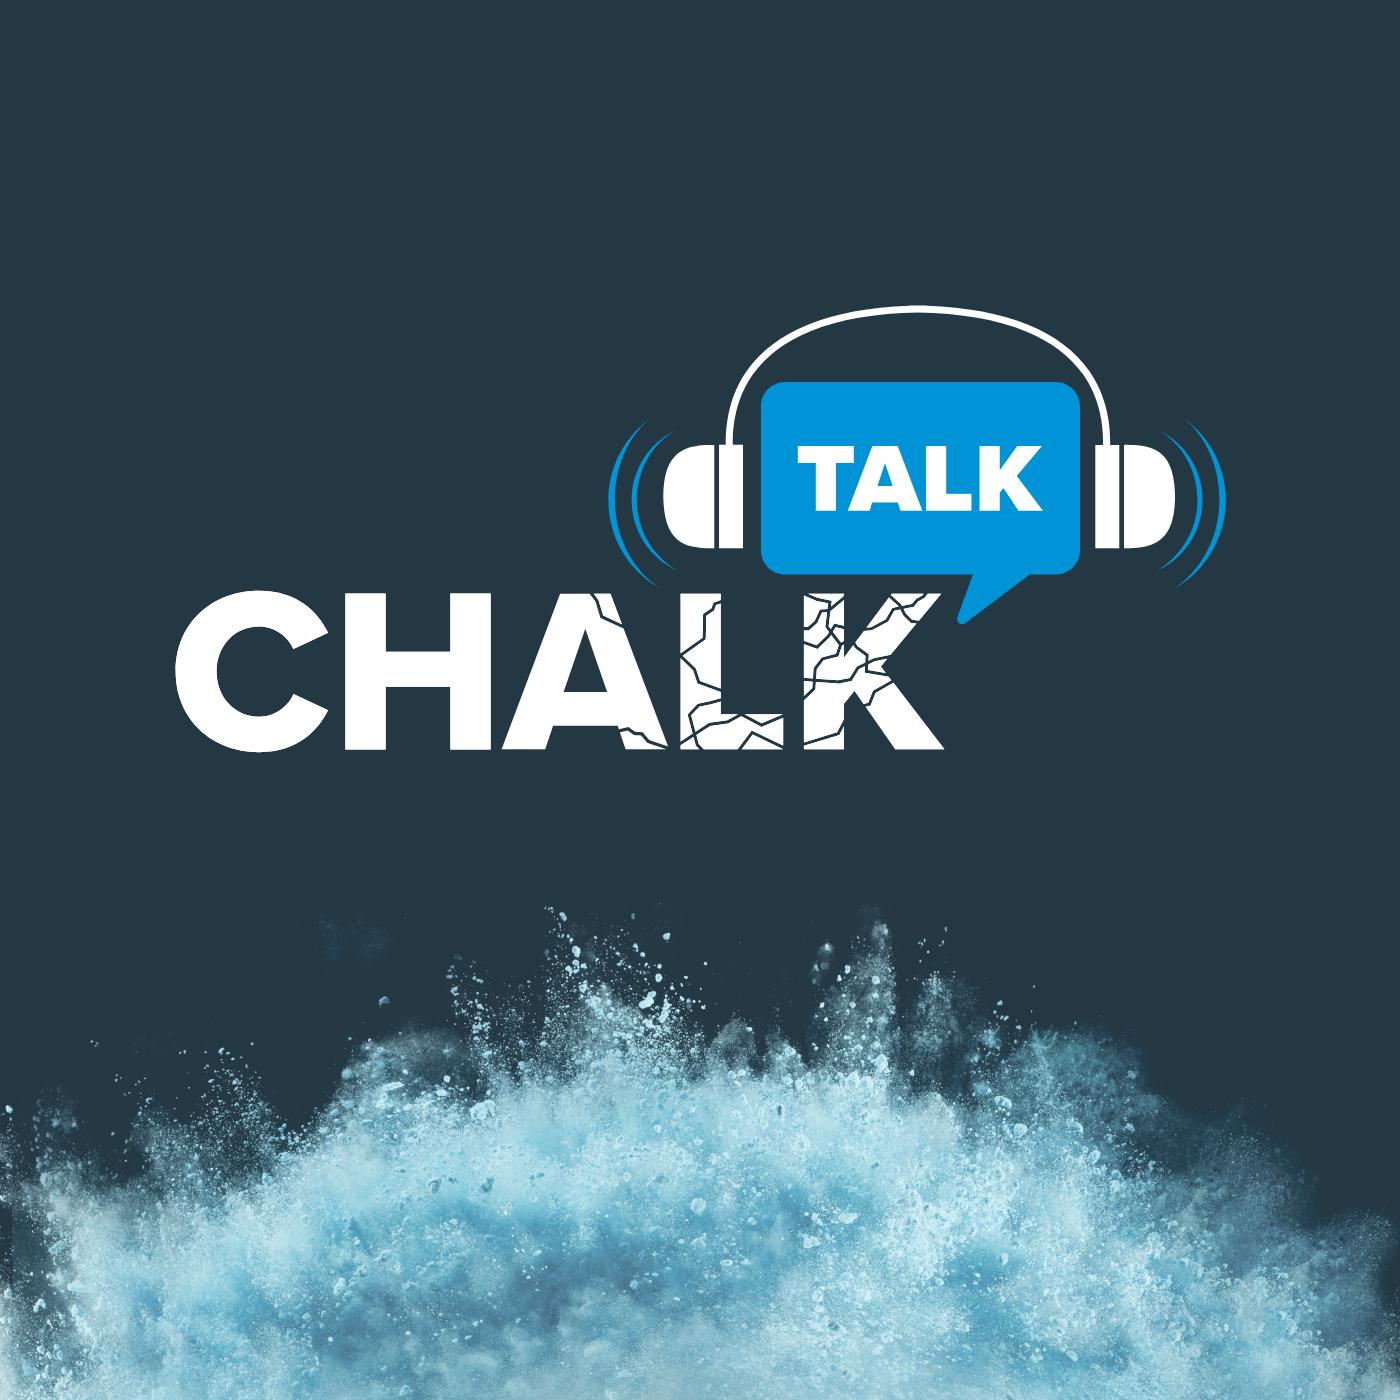 Artwork for podcast ChalkTalk